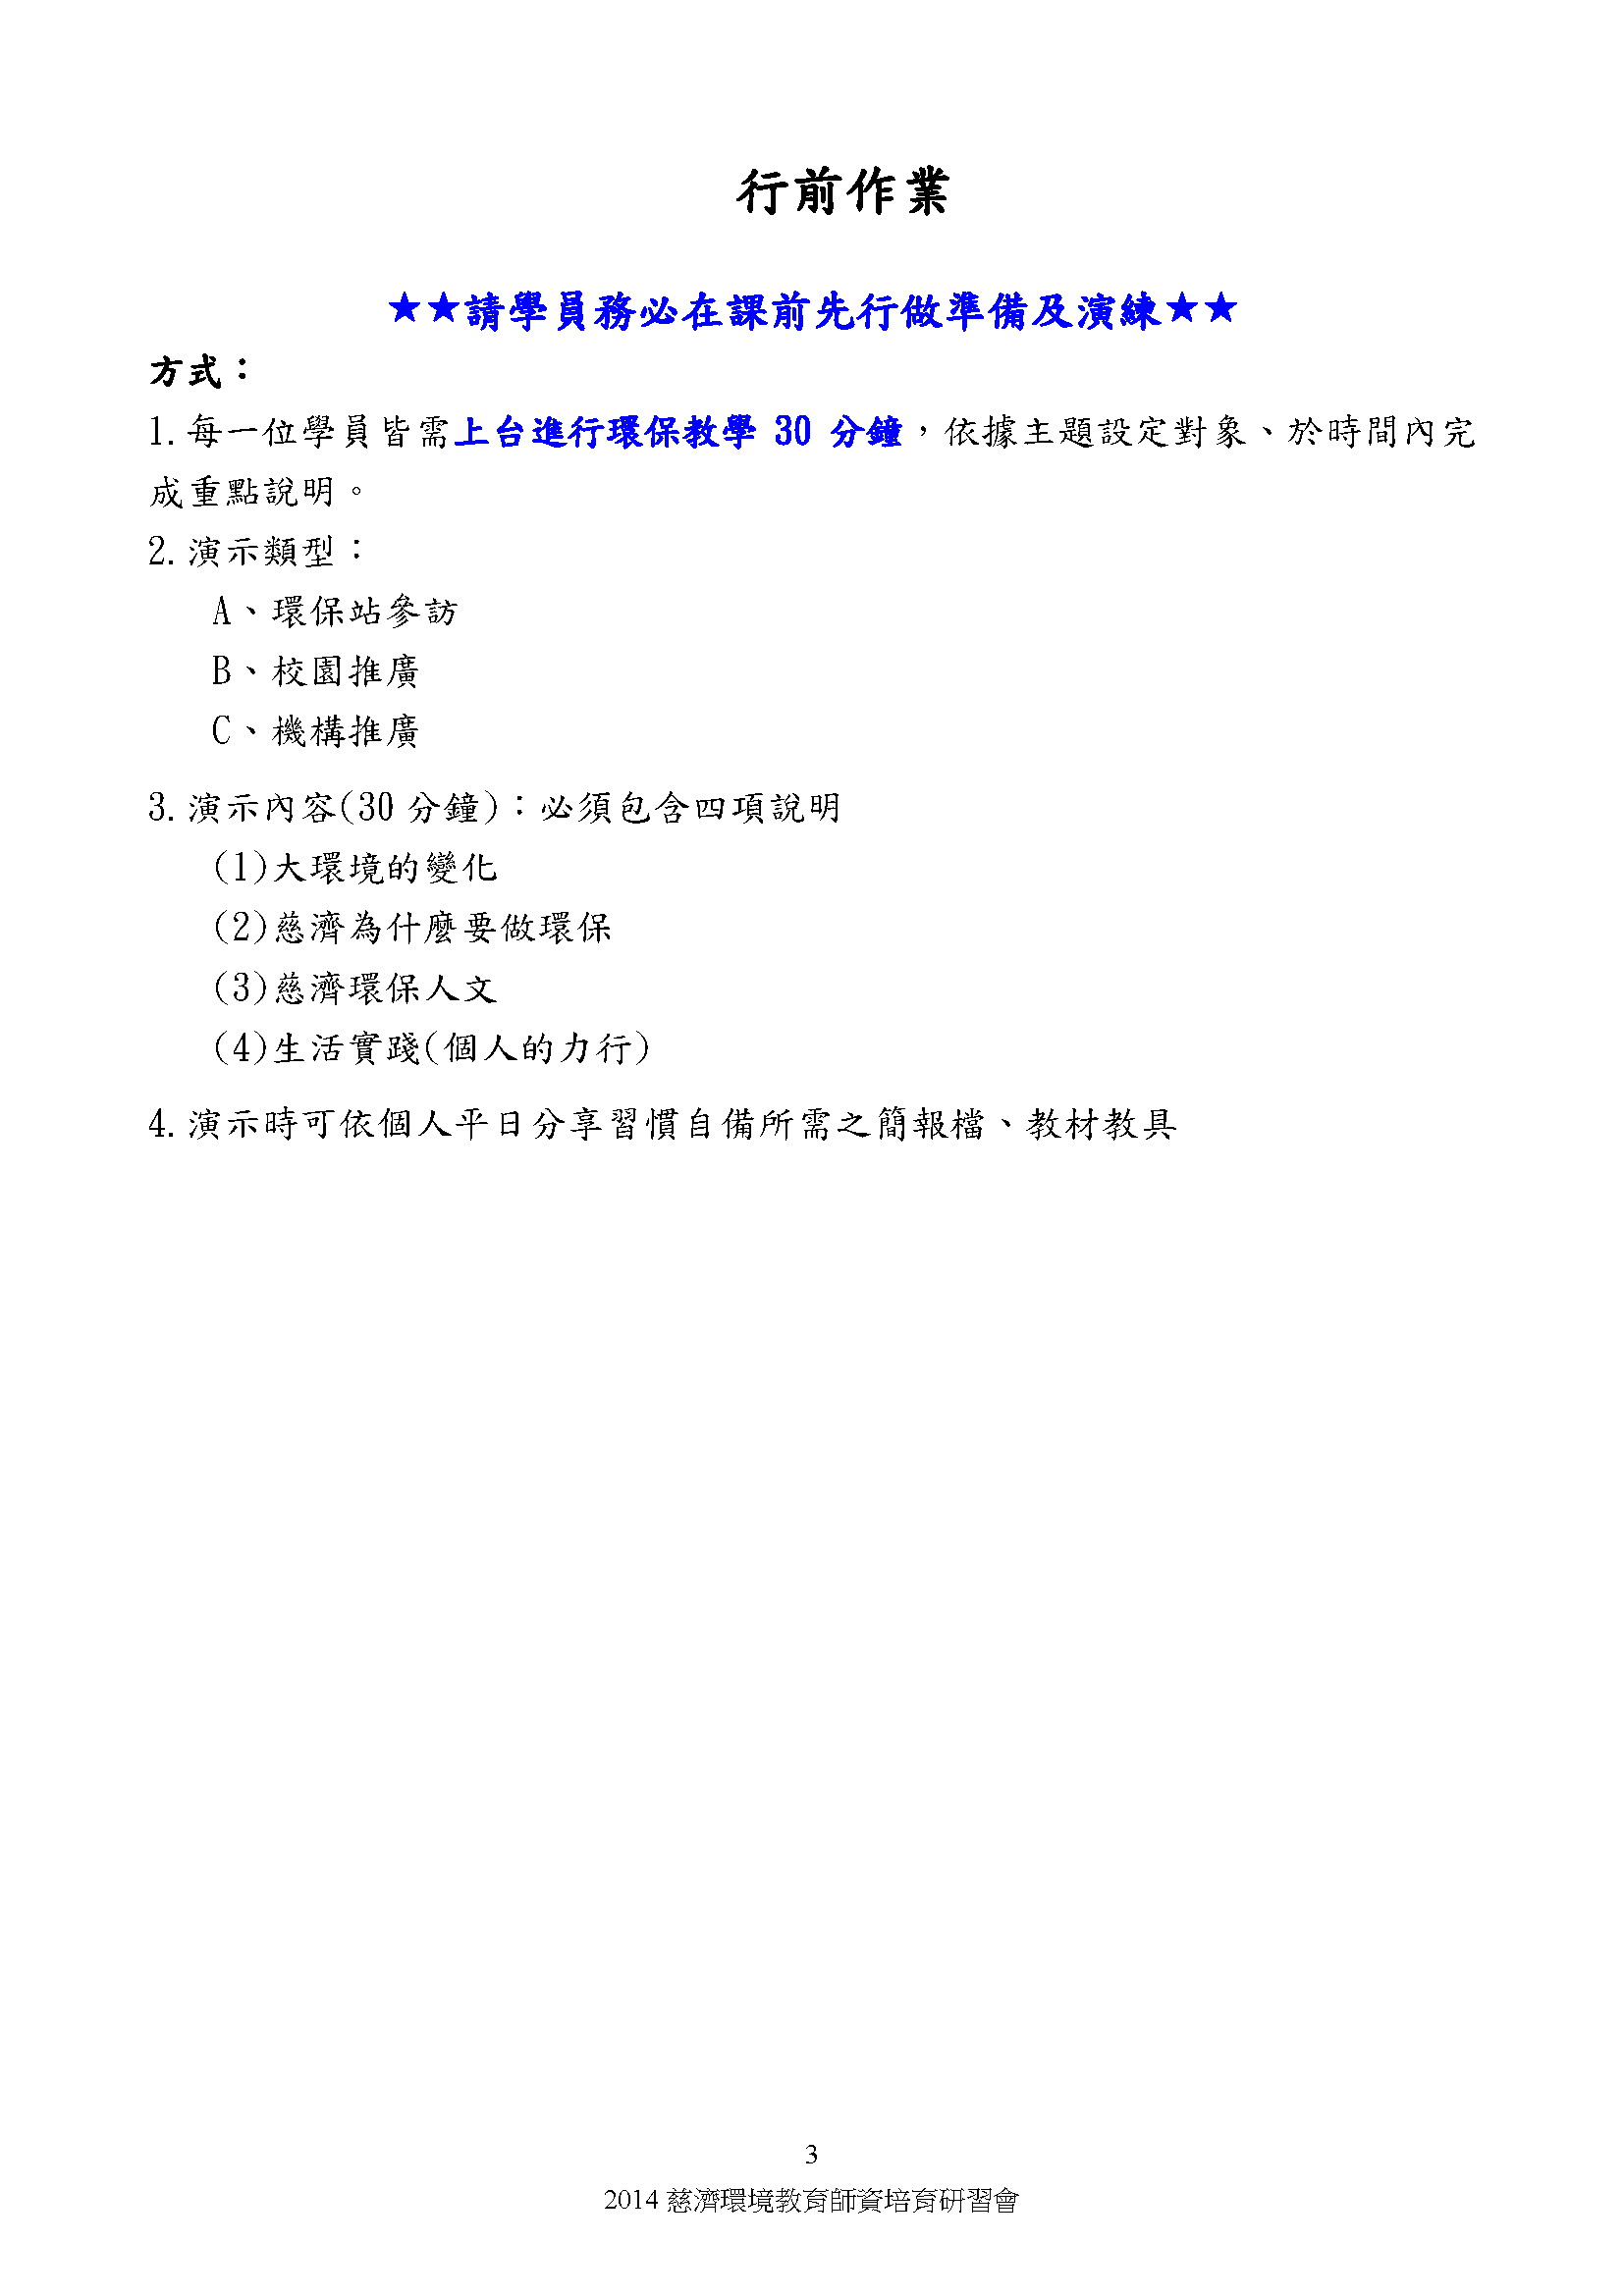 高雄附件1-2014年慈濟環境教育師資進階研習會(第一期)簡章報名表_頁面_3.png